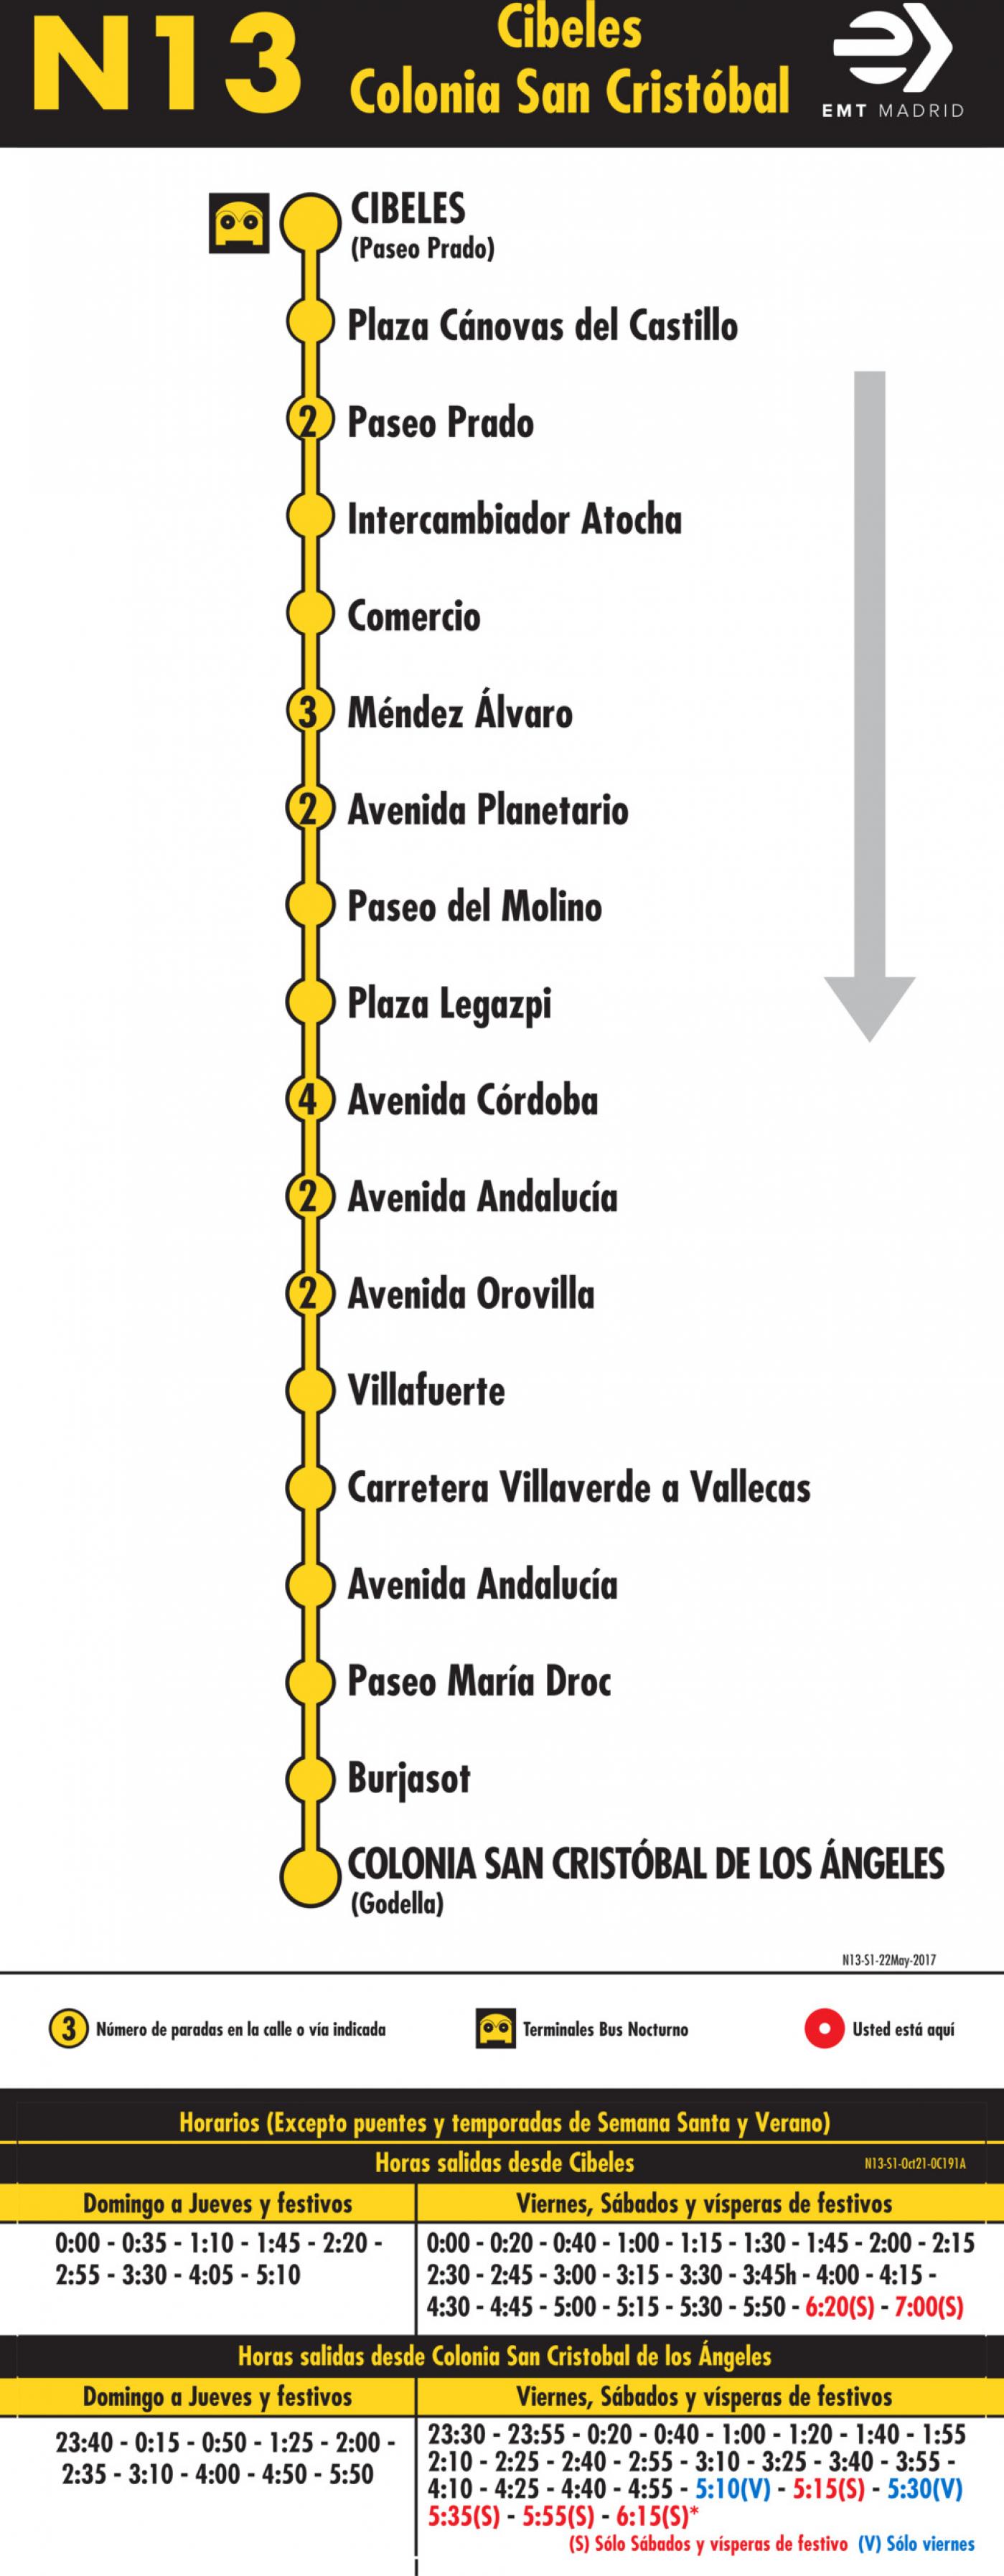 Tabla de horarios y frecuencias de paso en sentido ida Línea N13: Plaza de Cibeles - Colonia San Cristóbal de los Ángeles (búho)